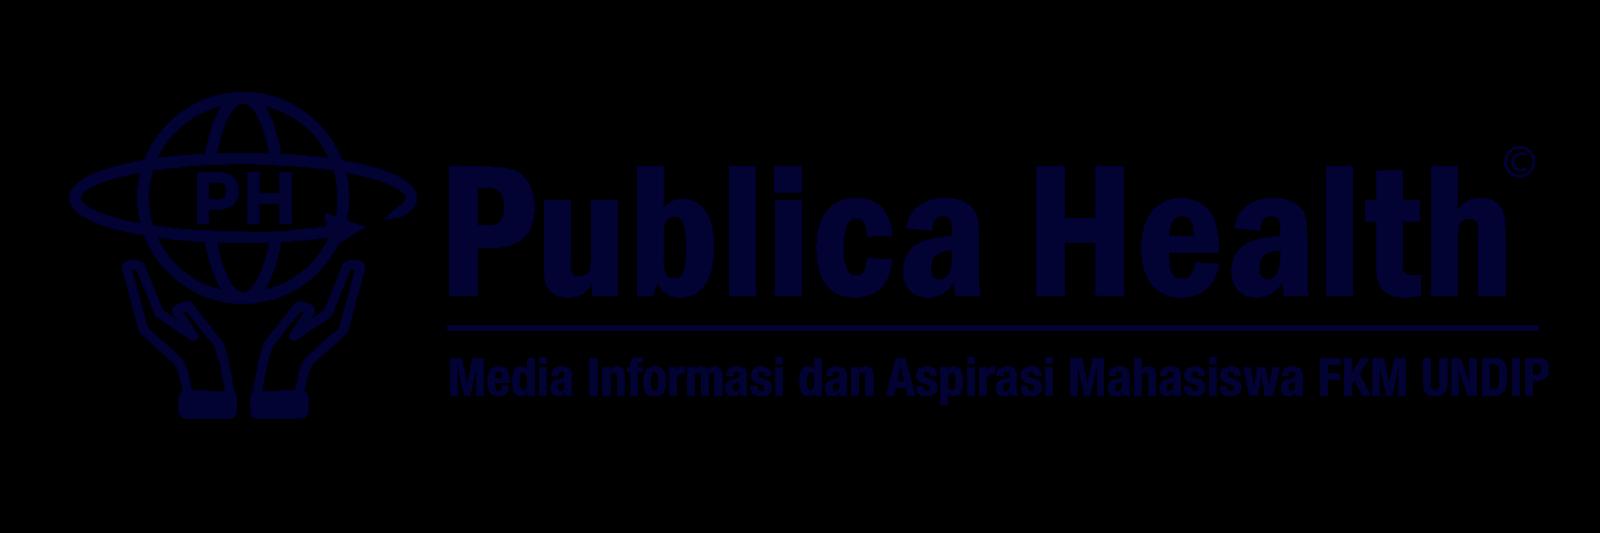 LPM Publica Health - Media Informasi dan Aspirasi Mahasiswa FKM Undip